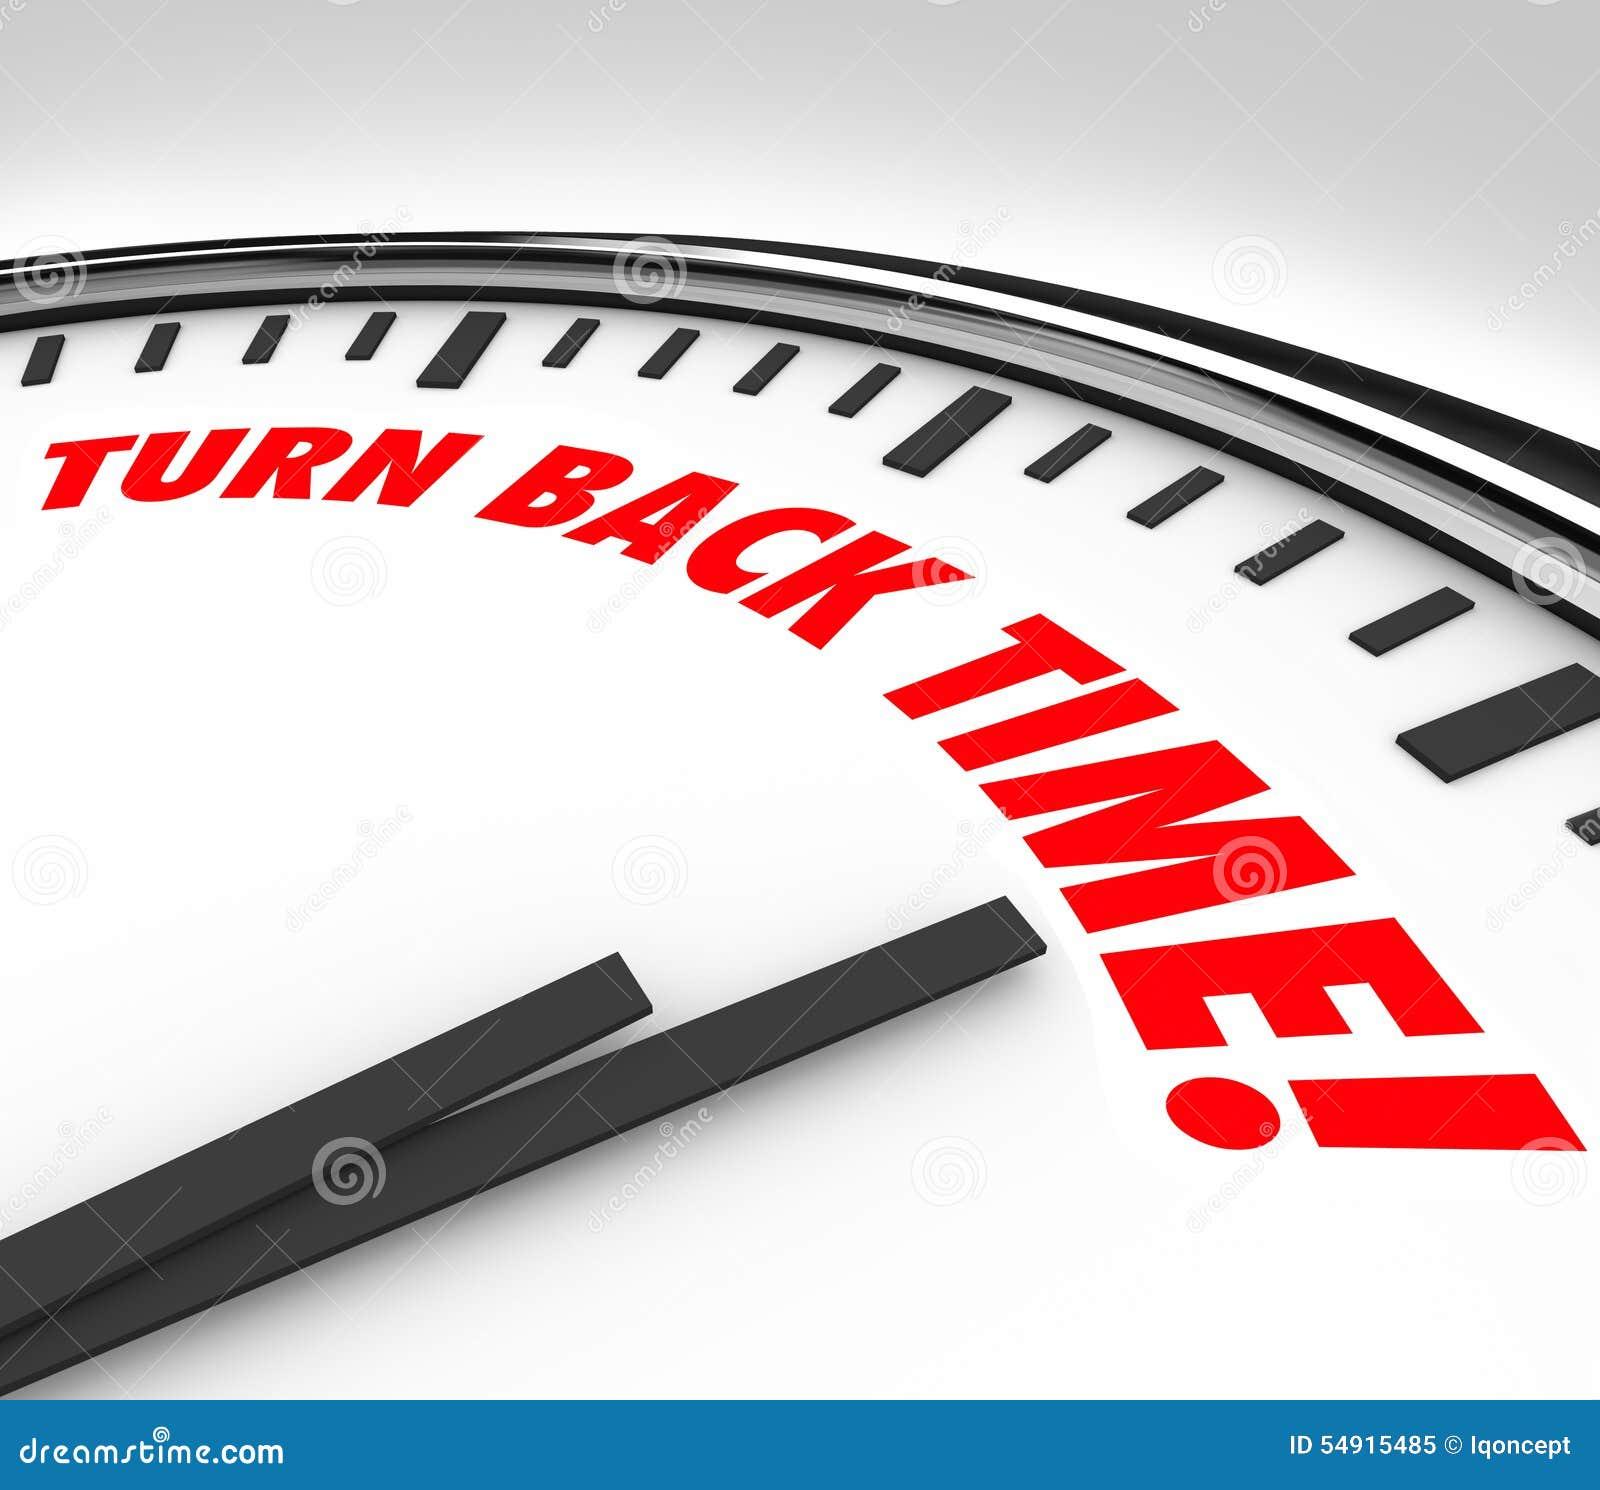 Στροφής πίσω αναδρομή στο παρελθόν γήρανσης χρονικών ρολογιών αντίστροφη